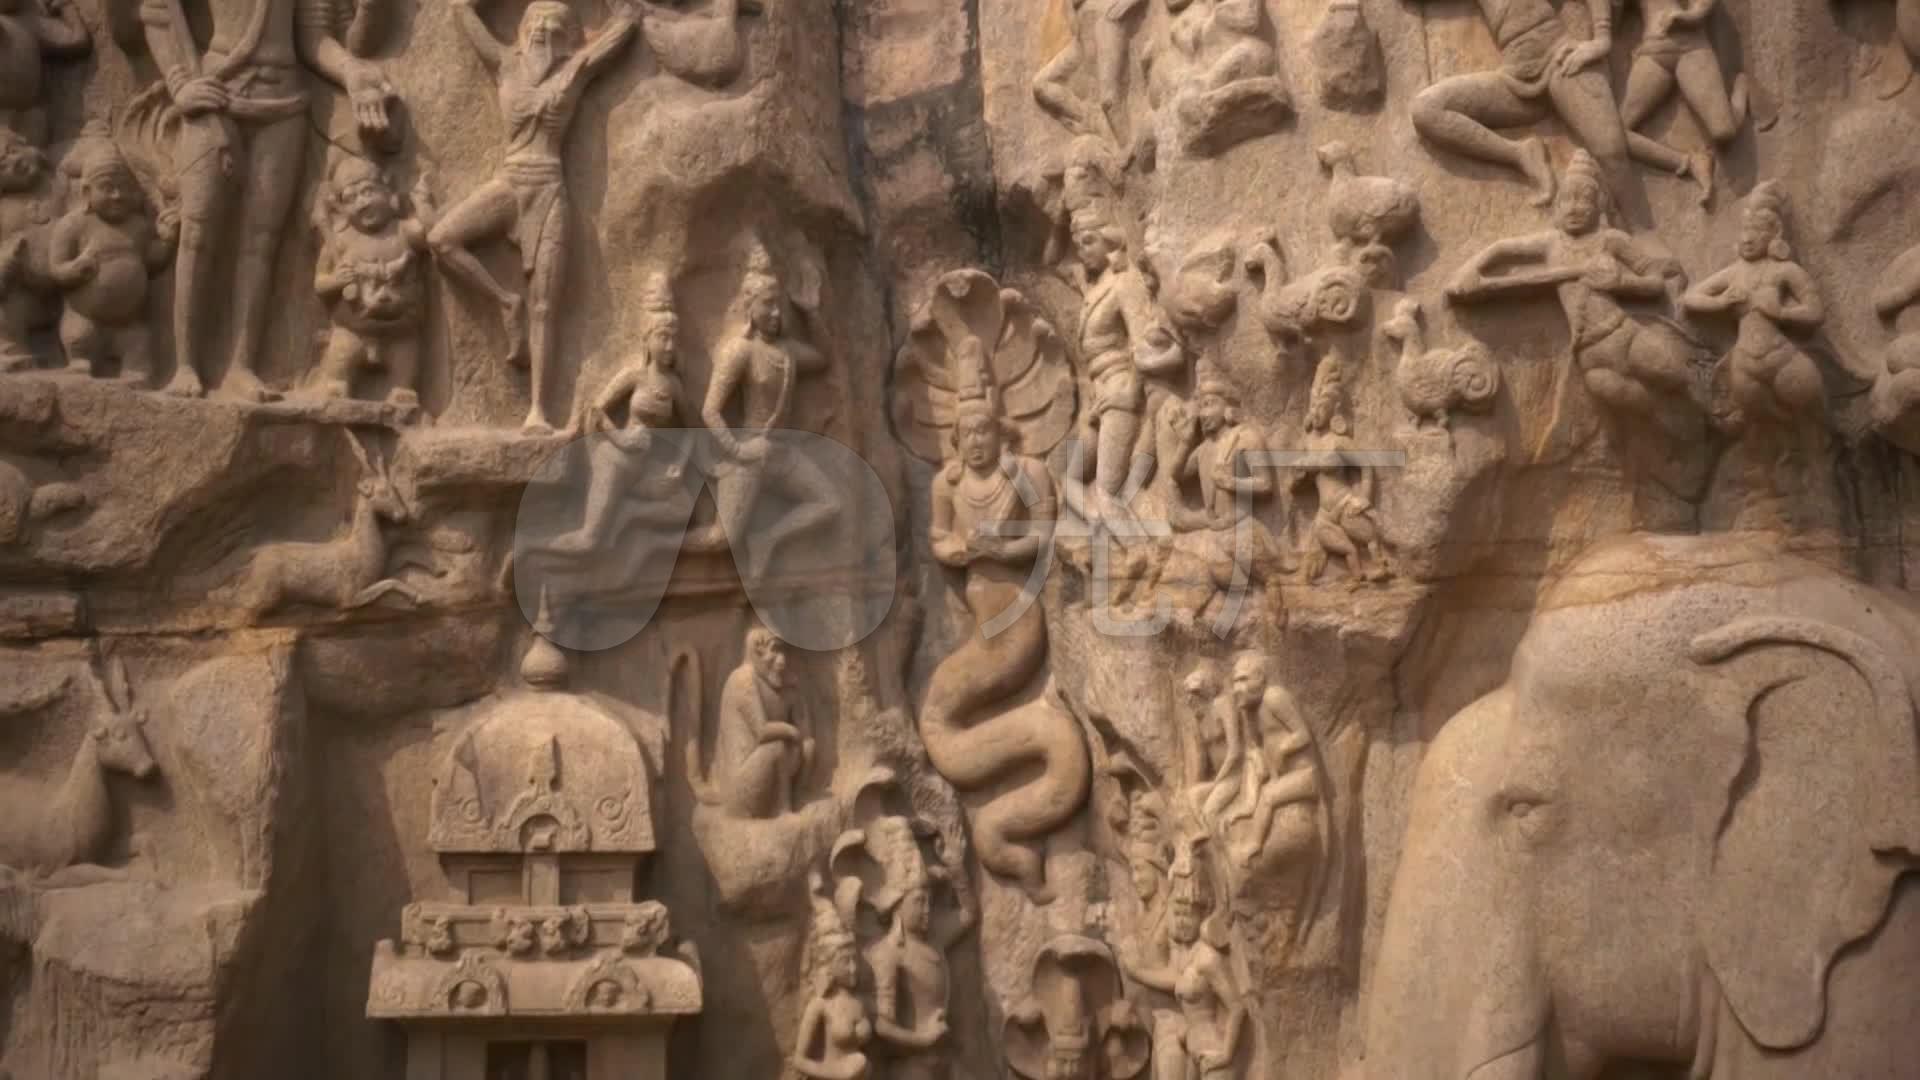 印度巨石雕_僧侣佛像_僧人文化大象石刻_192ui注册v巨石图片